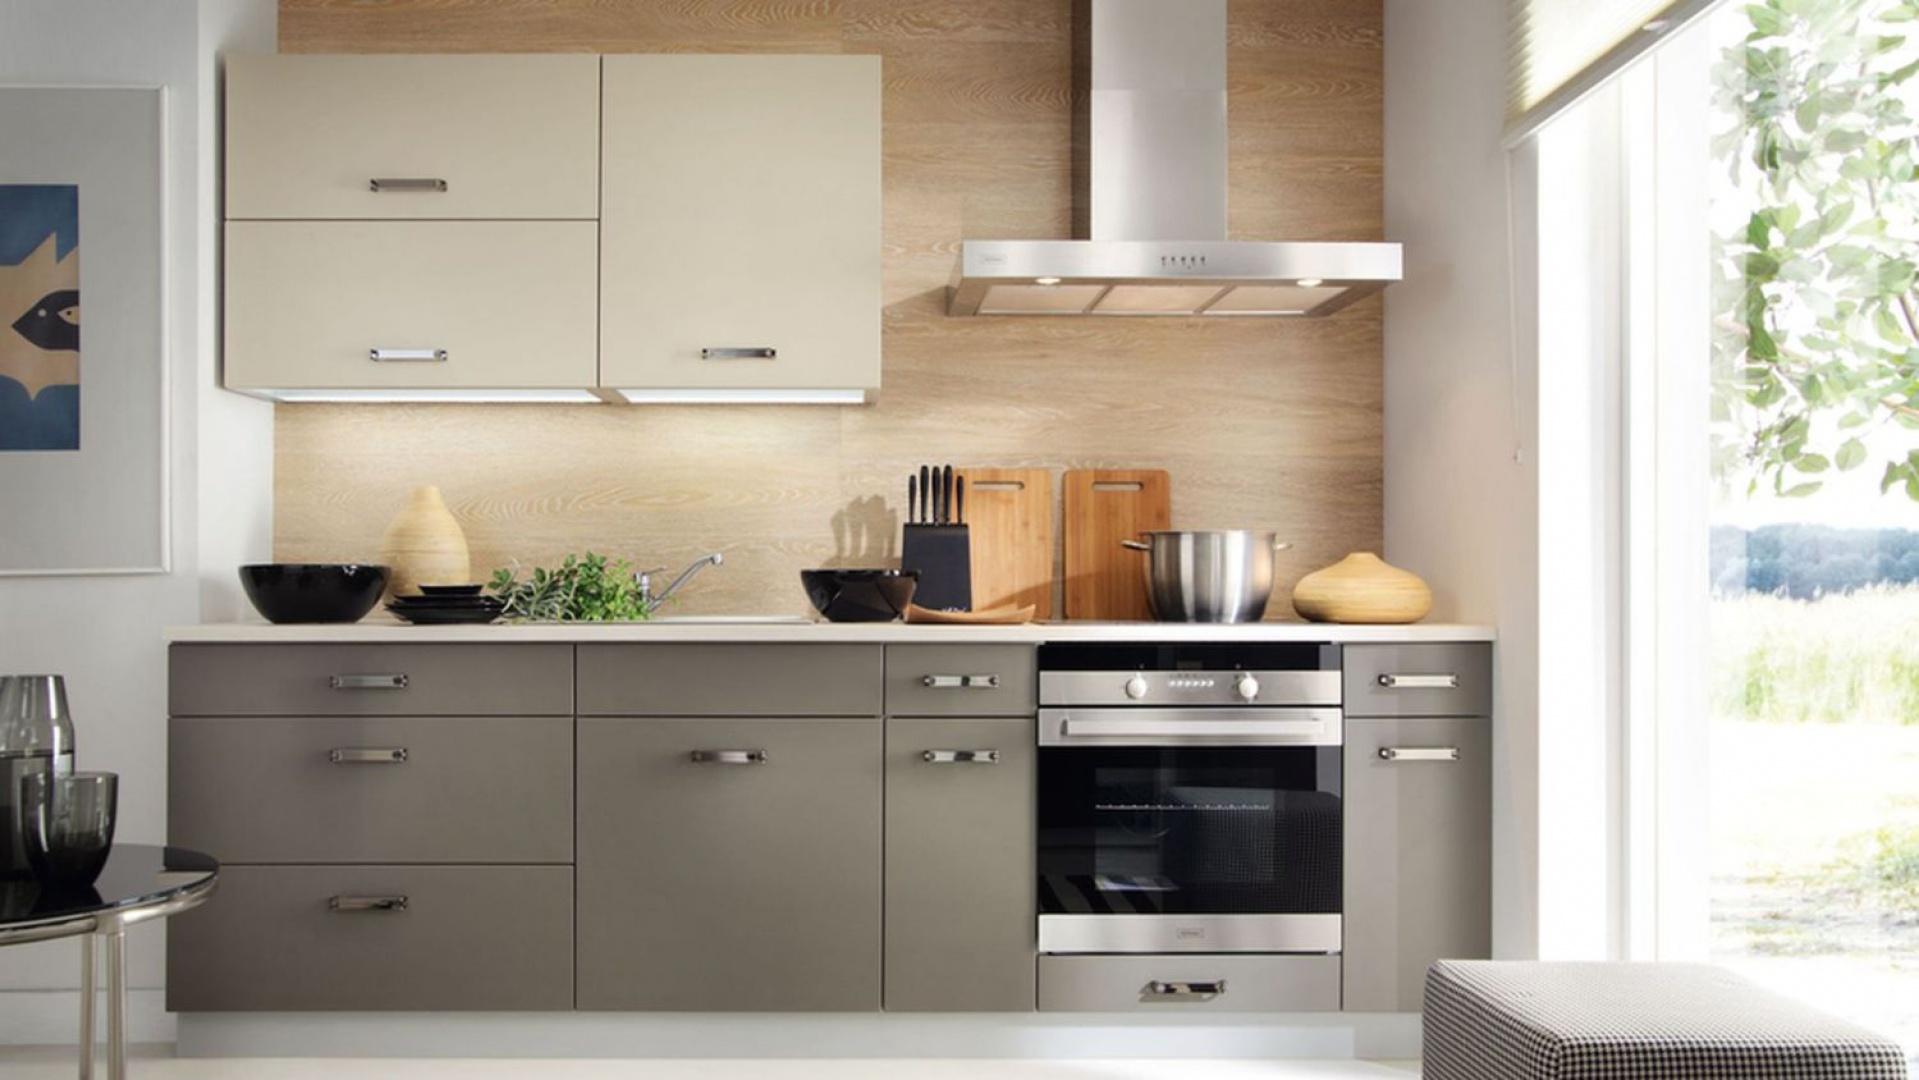 Meble kuchenne wpasowano w Mała kuchnia 10 pomysłów   -> Kuchnia Polowa Mala